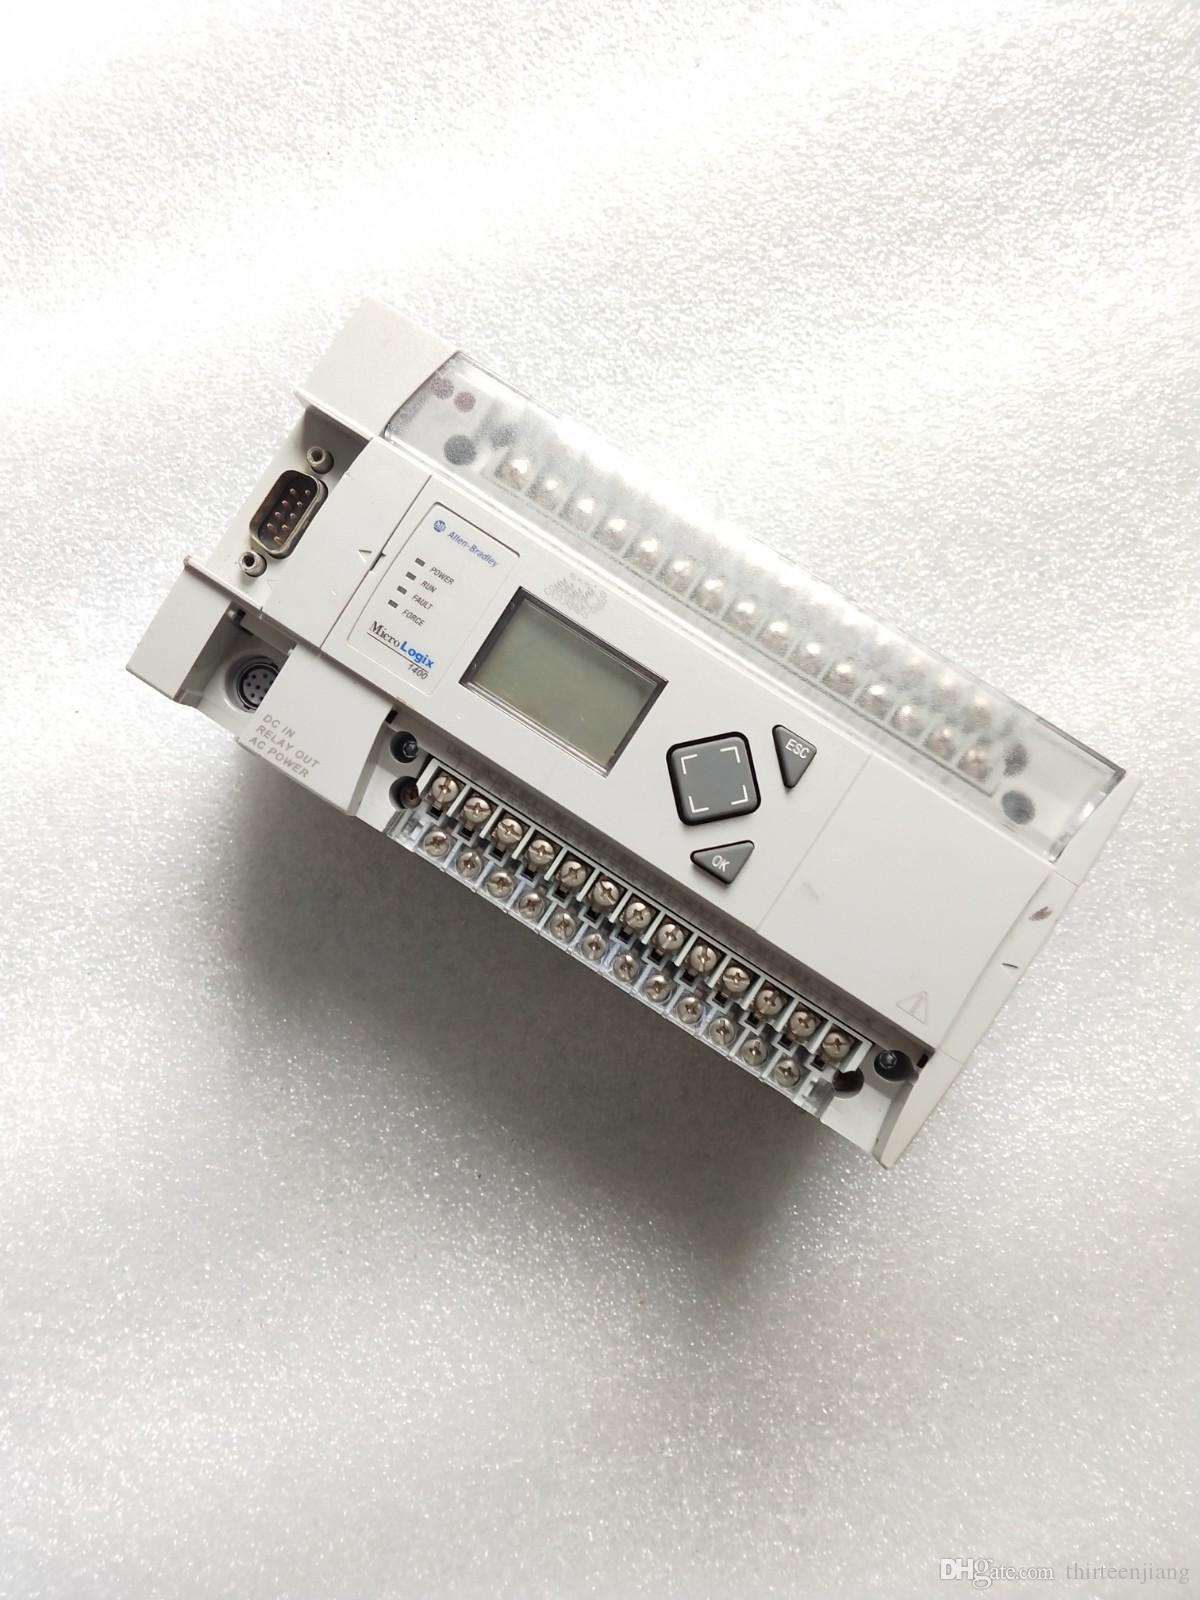 1 Stück Allen-Bradley Micrologix 1400 PLC 1766-L32BWA Neu In Box Bitte kontaktieren Sie uns Vor dem Zahlung überprüfen